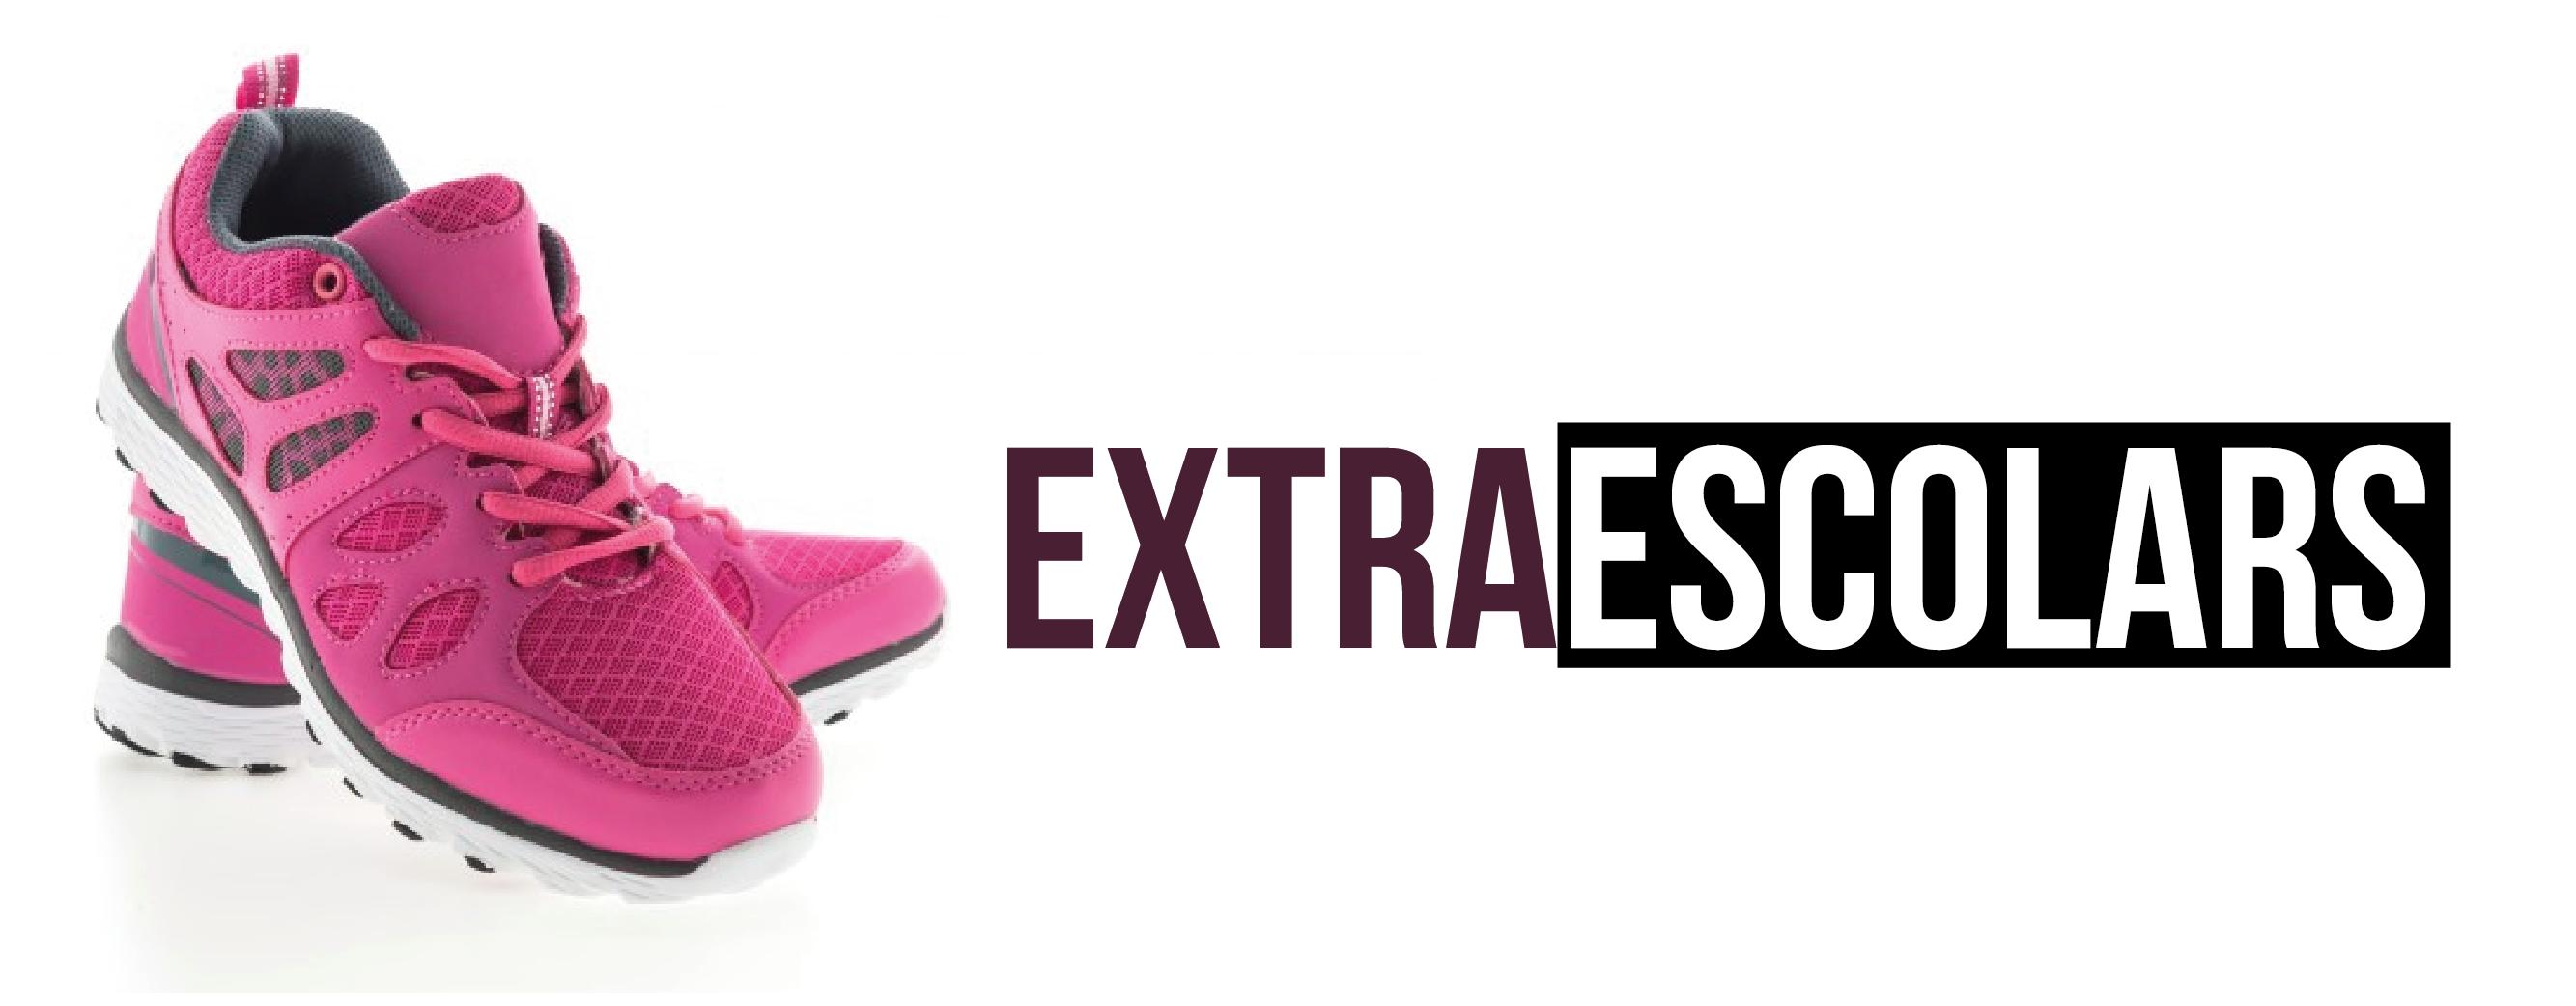 extraescolars